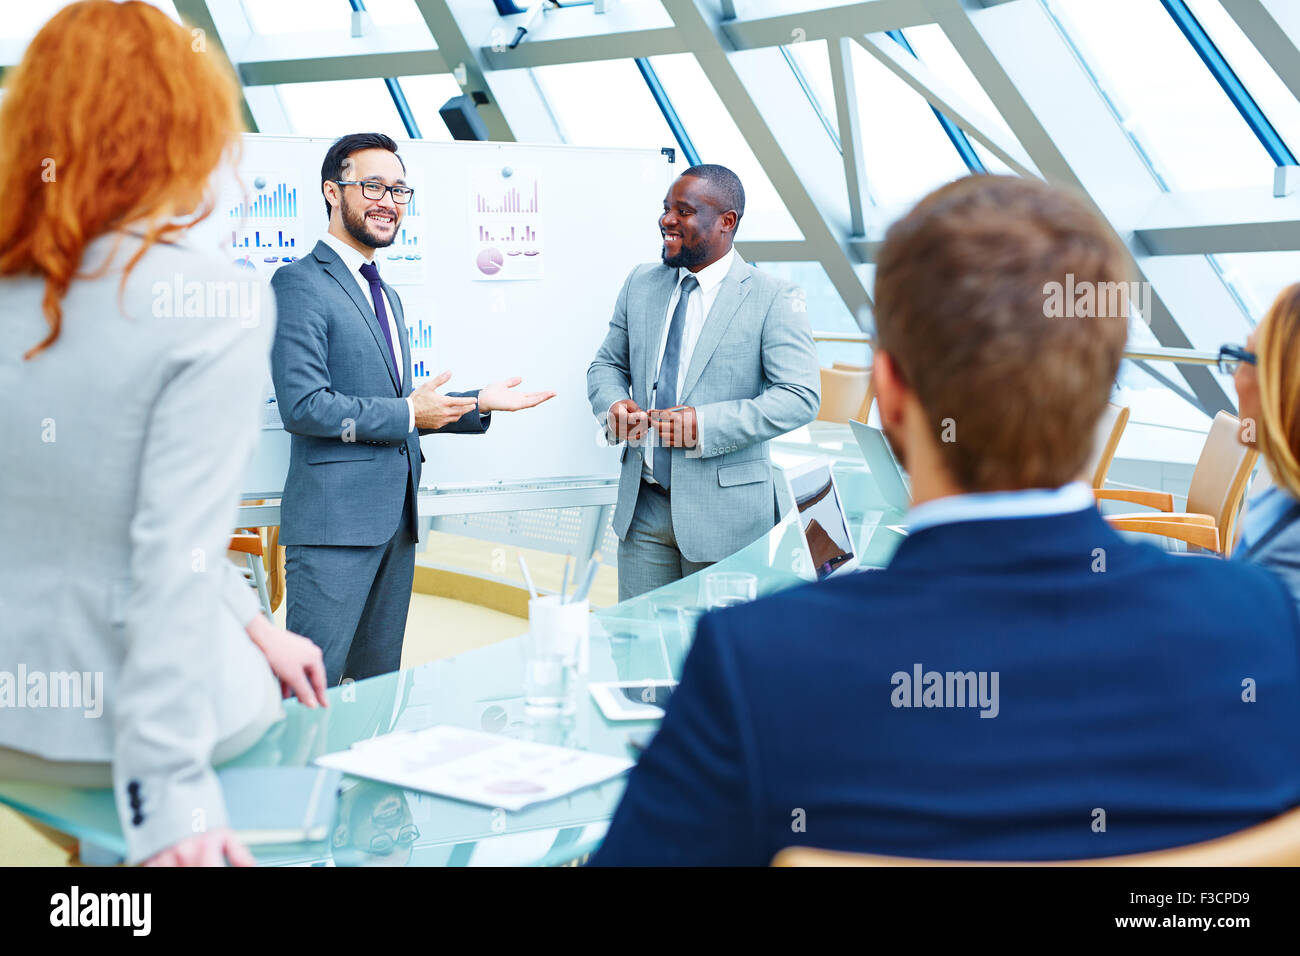 Imprenditore asiatico presentando ai colleghi il loro nuovo business partner Immagini Stock